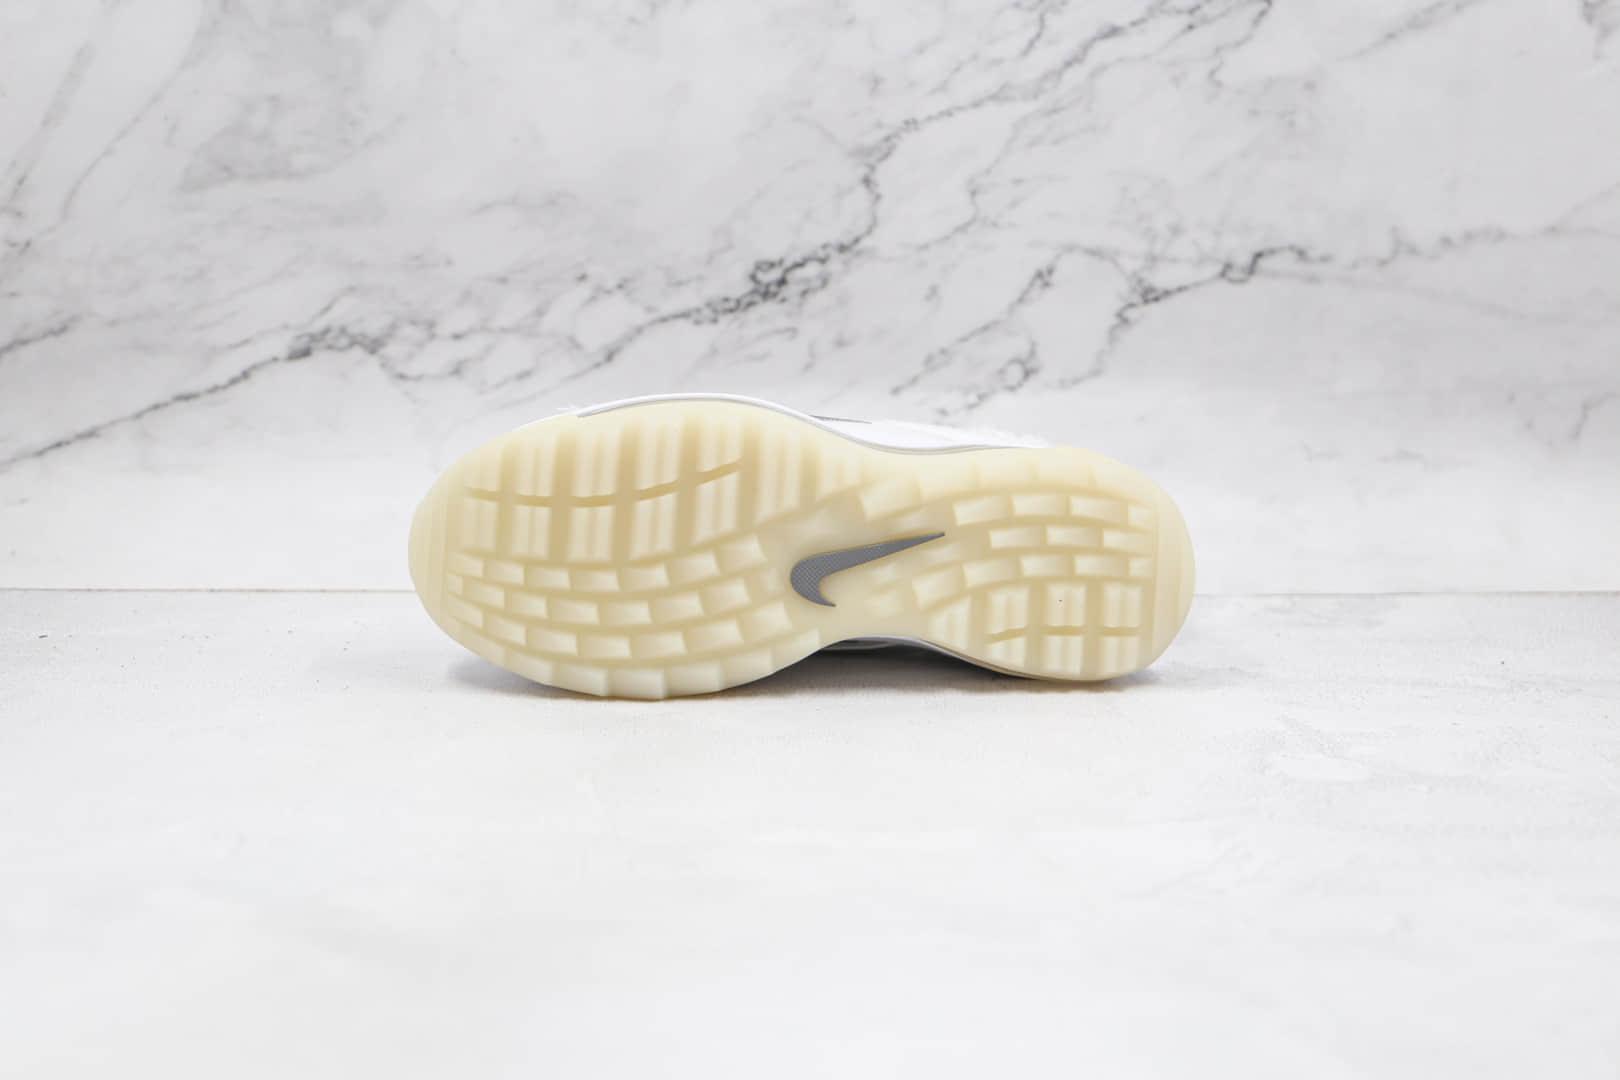 耐克Nike Air Max 97 Golf纯原版本高尔夫子弹Max97纯白毛绒气垫鞋原盒原标 货号:CK4437-101